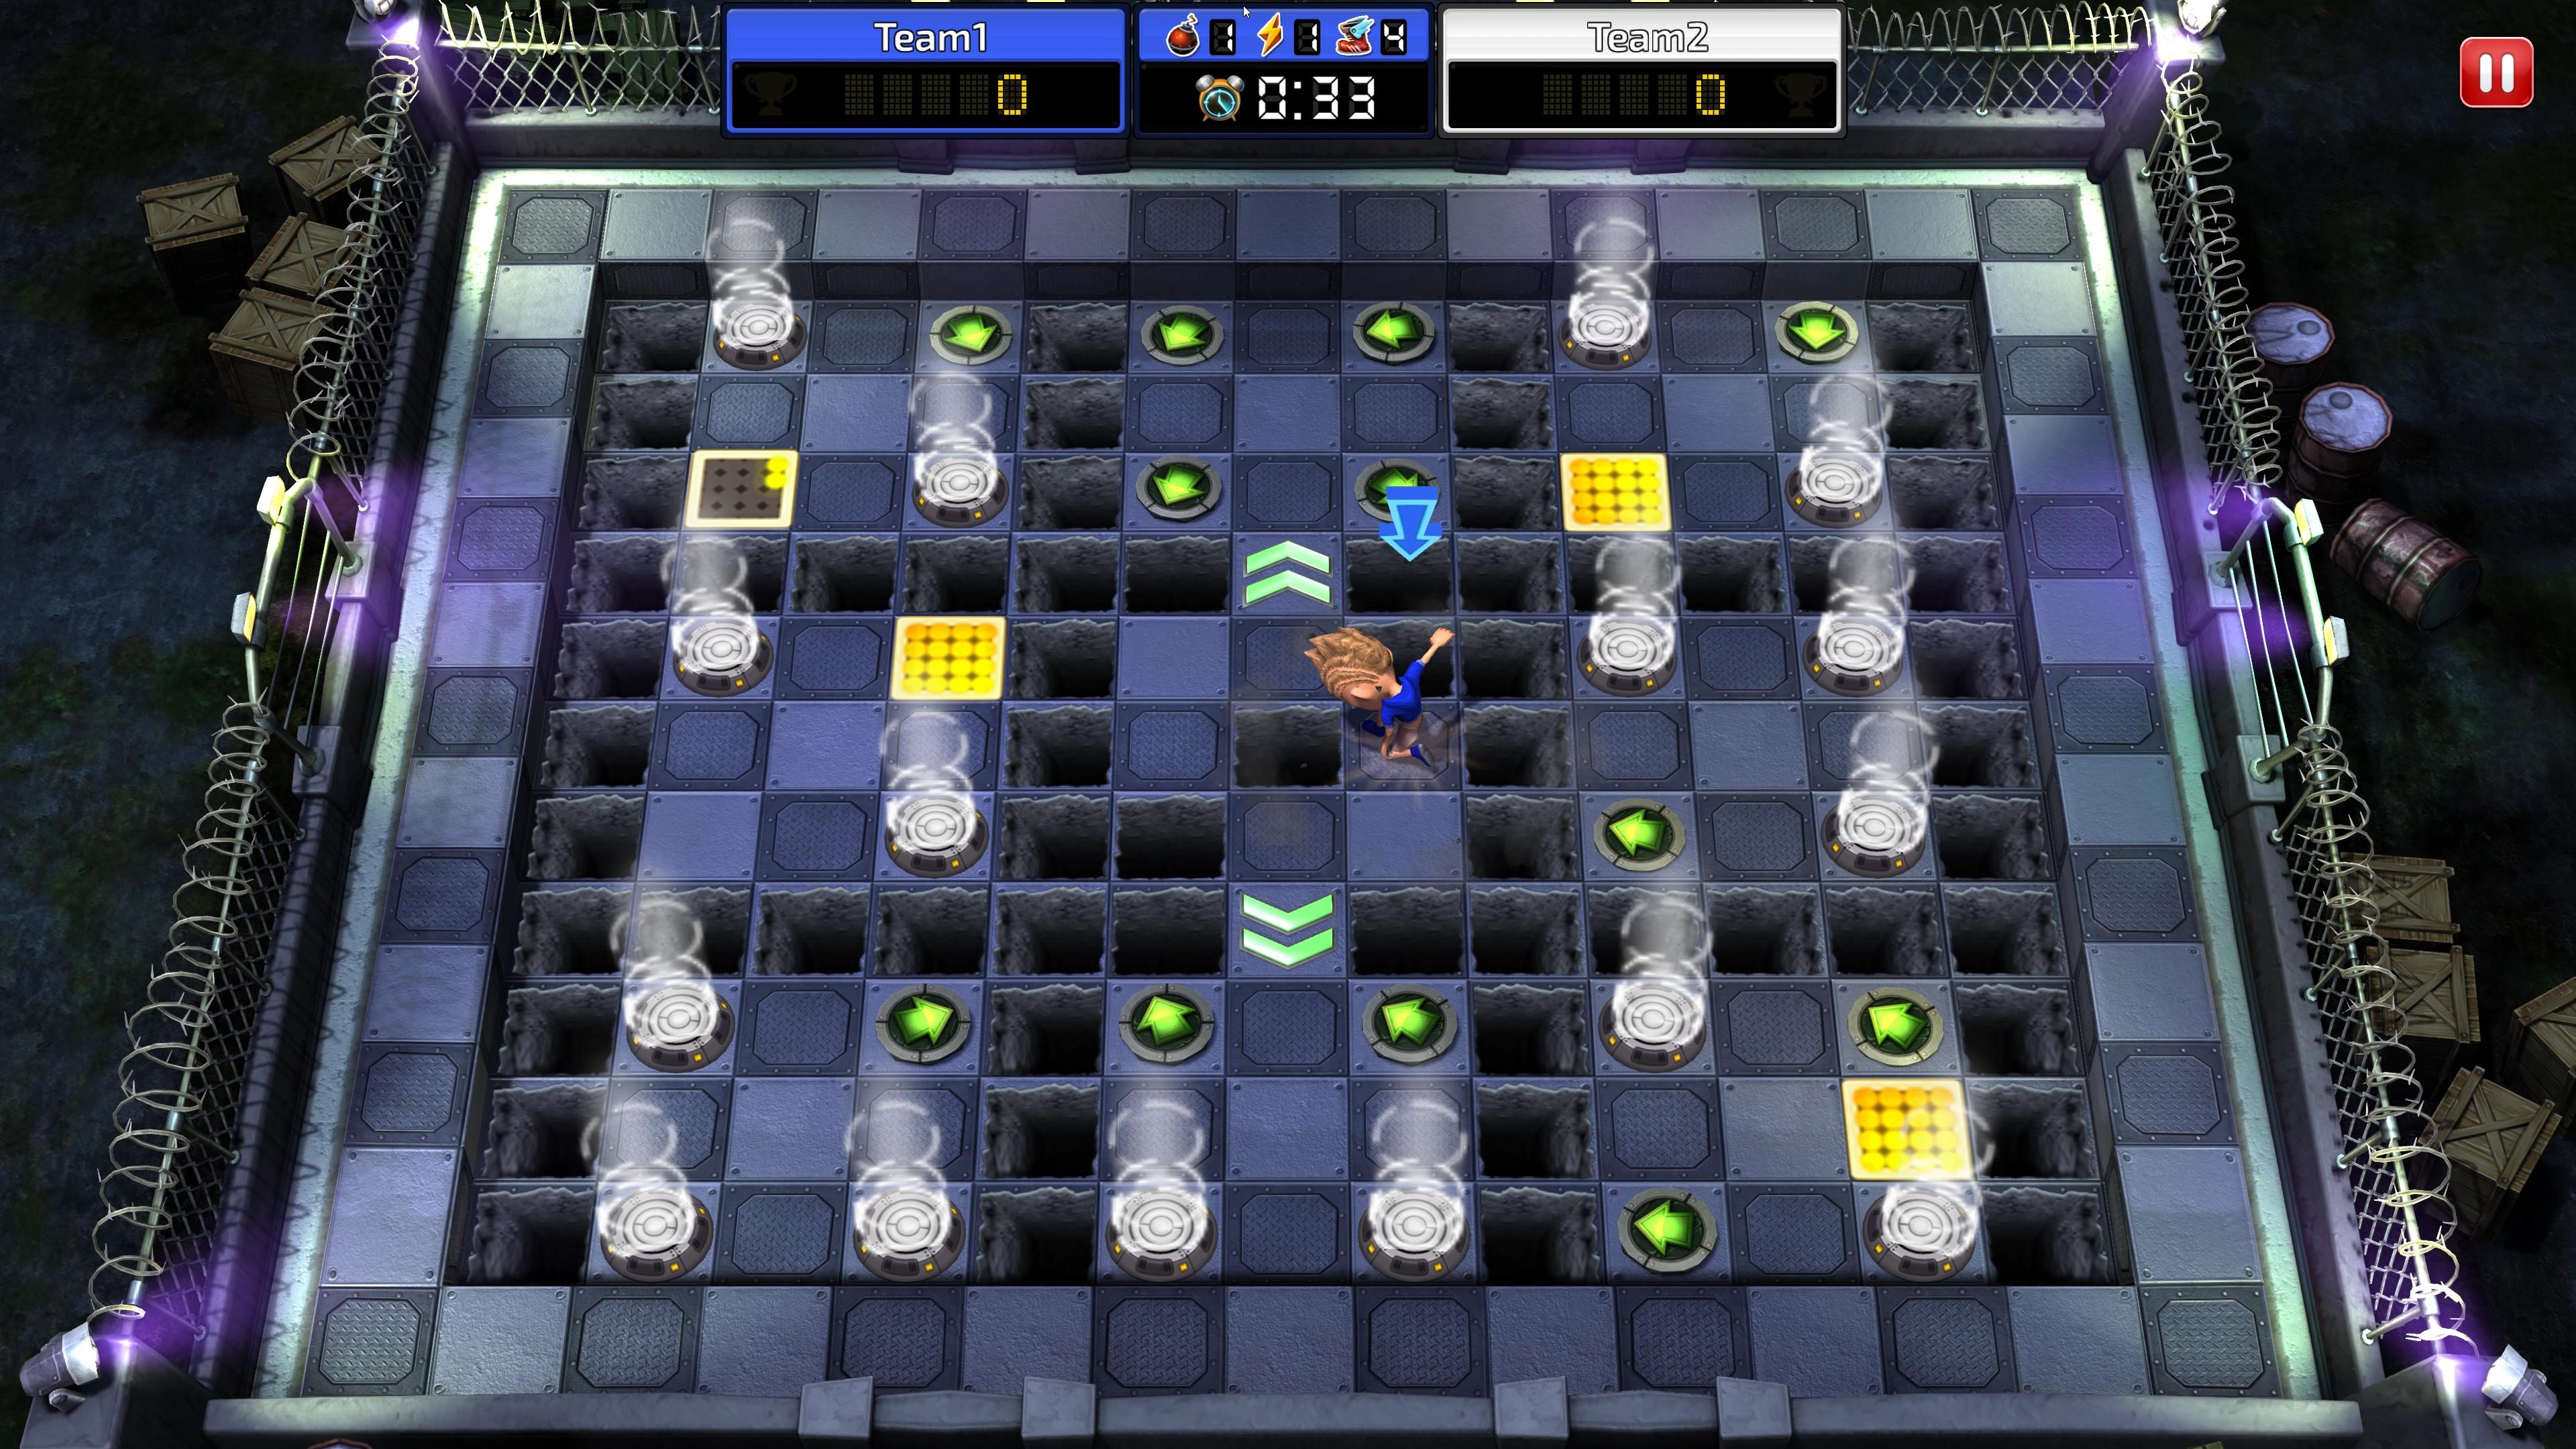 电路板 游戏截图 3840_2160